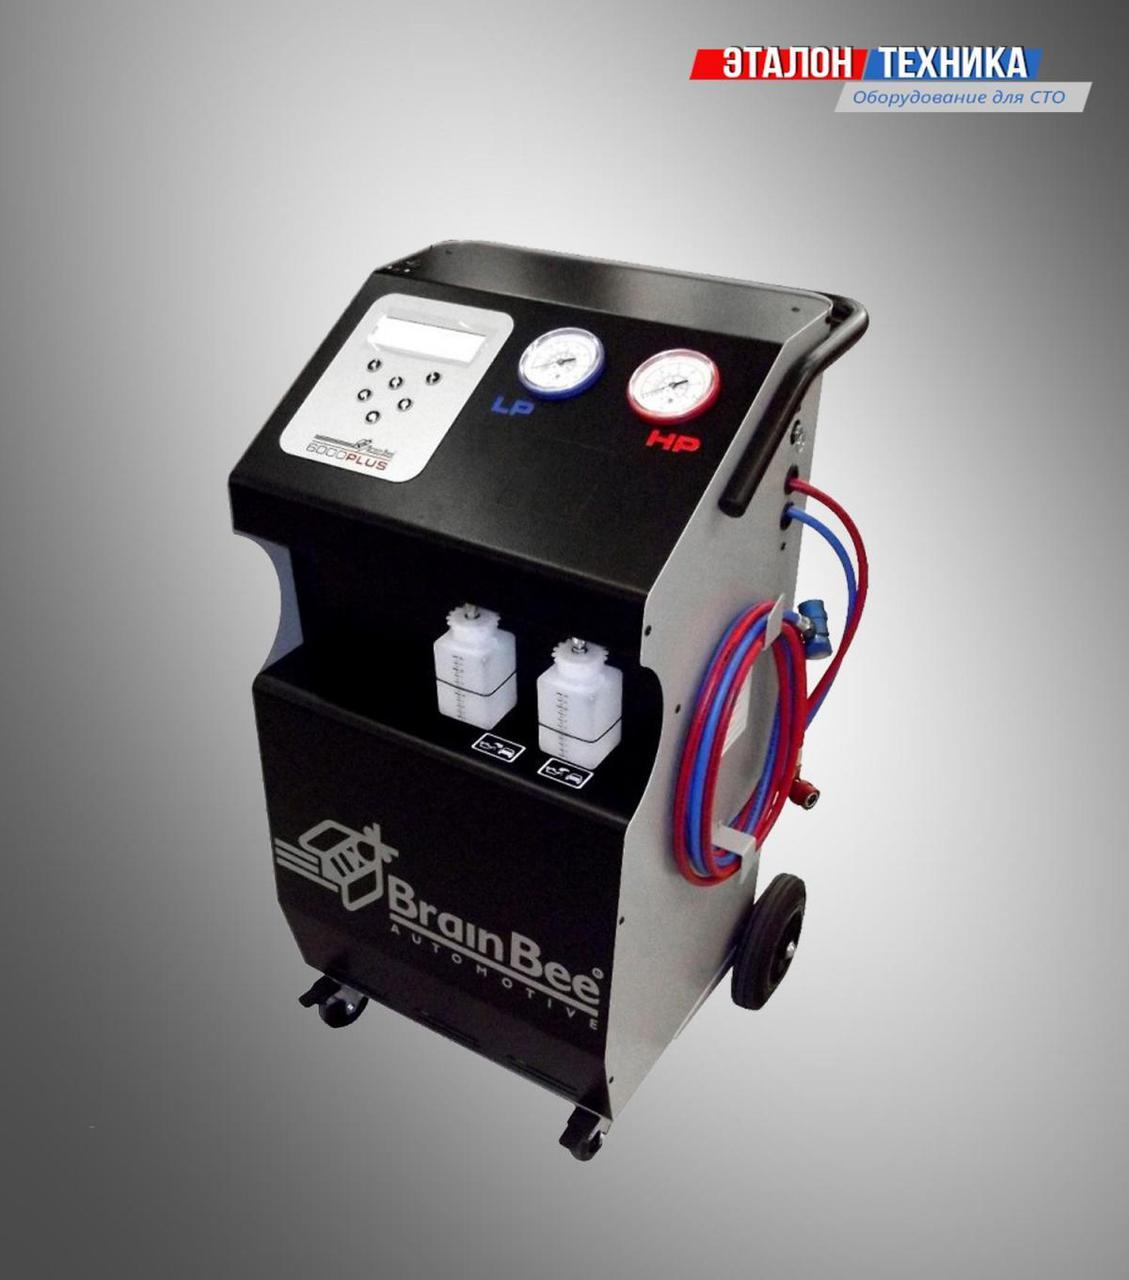 Установка кондиционера в автомобиль в киеве установка кондиционера в калининграде